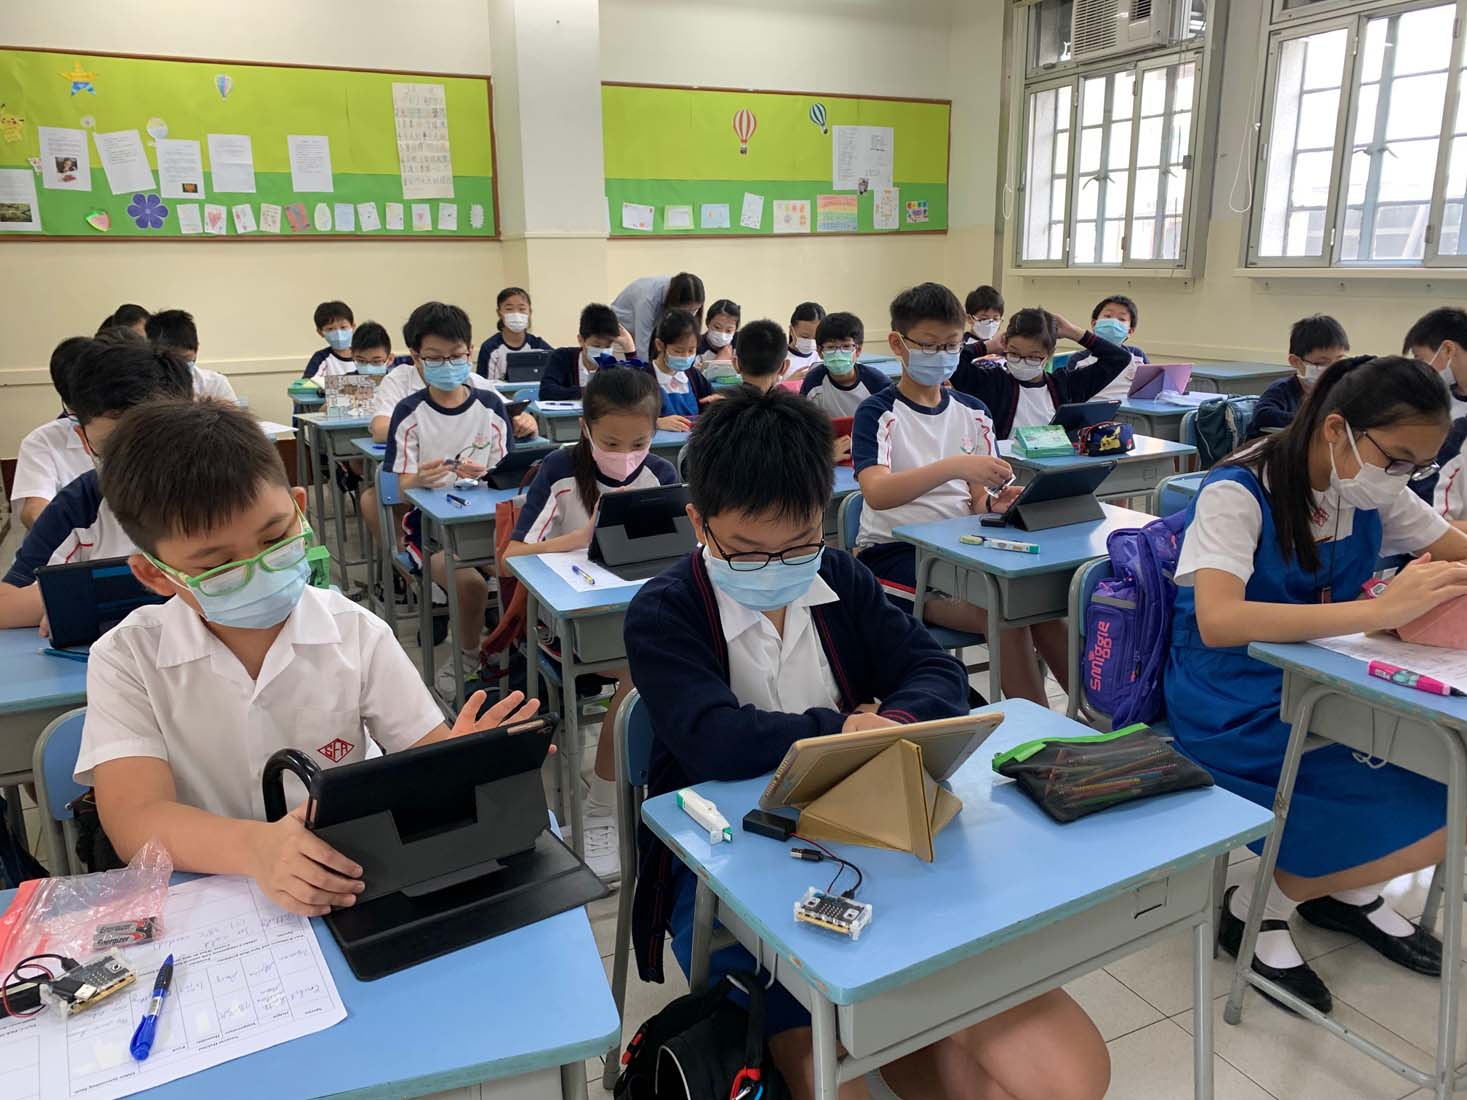 https://sfaeps.edu.hk/sites/default/files/img_5569_1.jpg